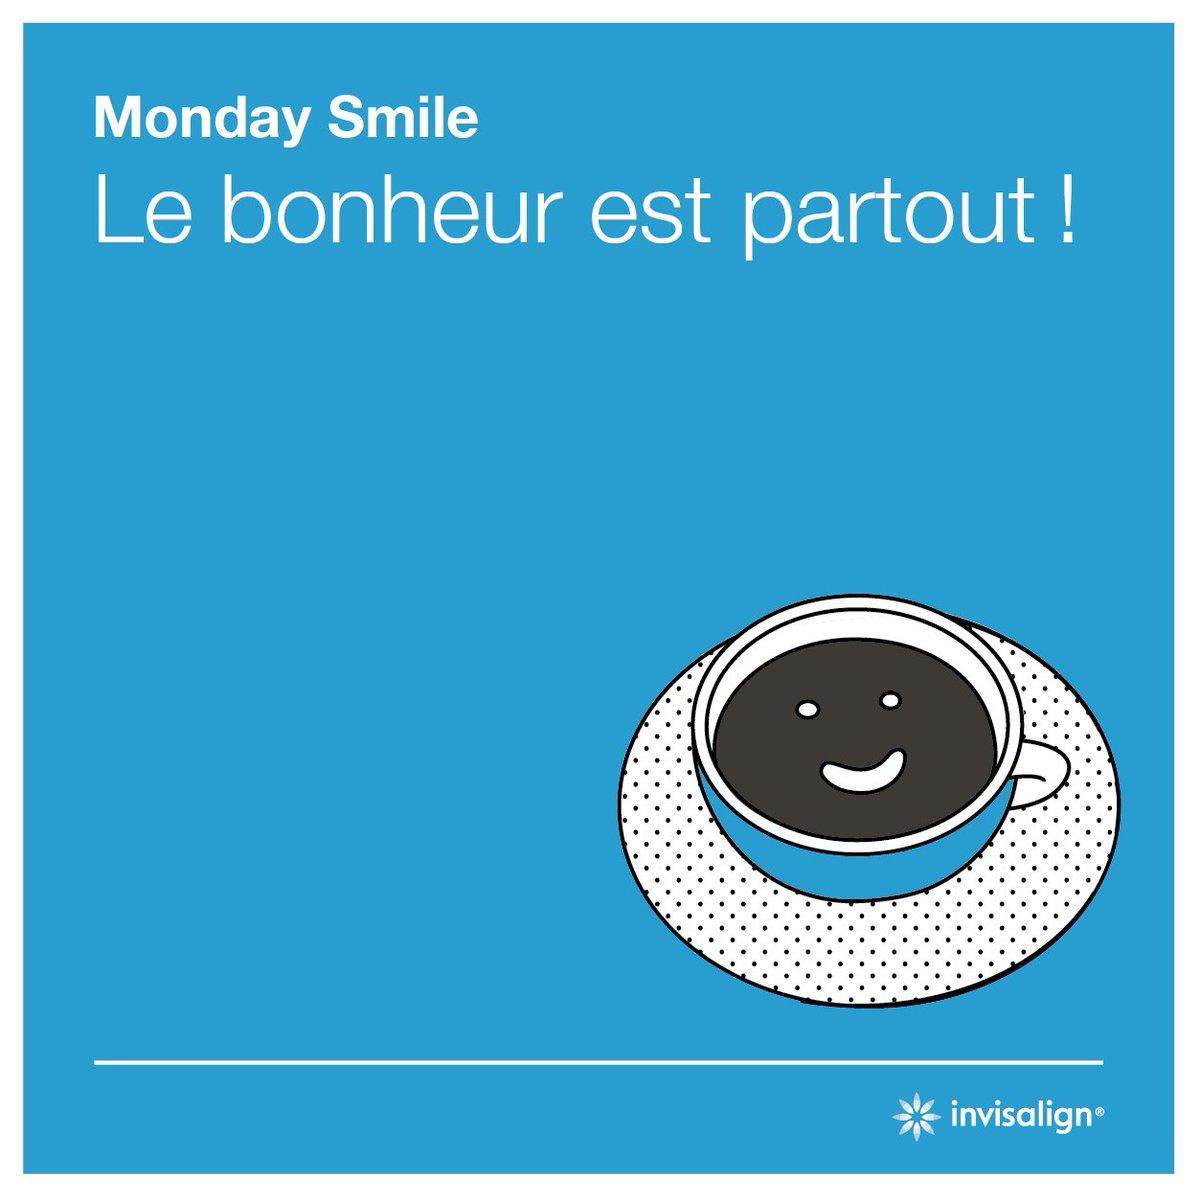 La technologie Invisalign® transforme les sourires depuis 1997 ! Plus d'informations sur : https://t.co/QMXXMueVw5 #mondaysmile #bonheur #sourire #lookup #madetomove #invisalign #smile https://t.co/oK52tXEkGw